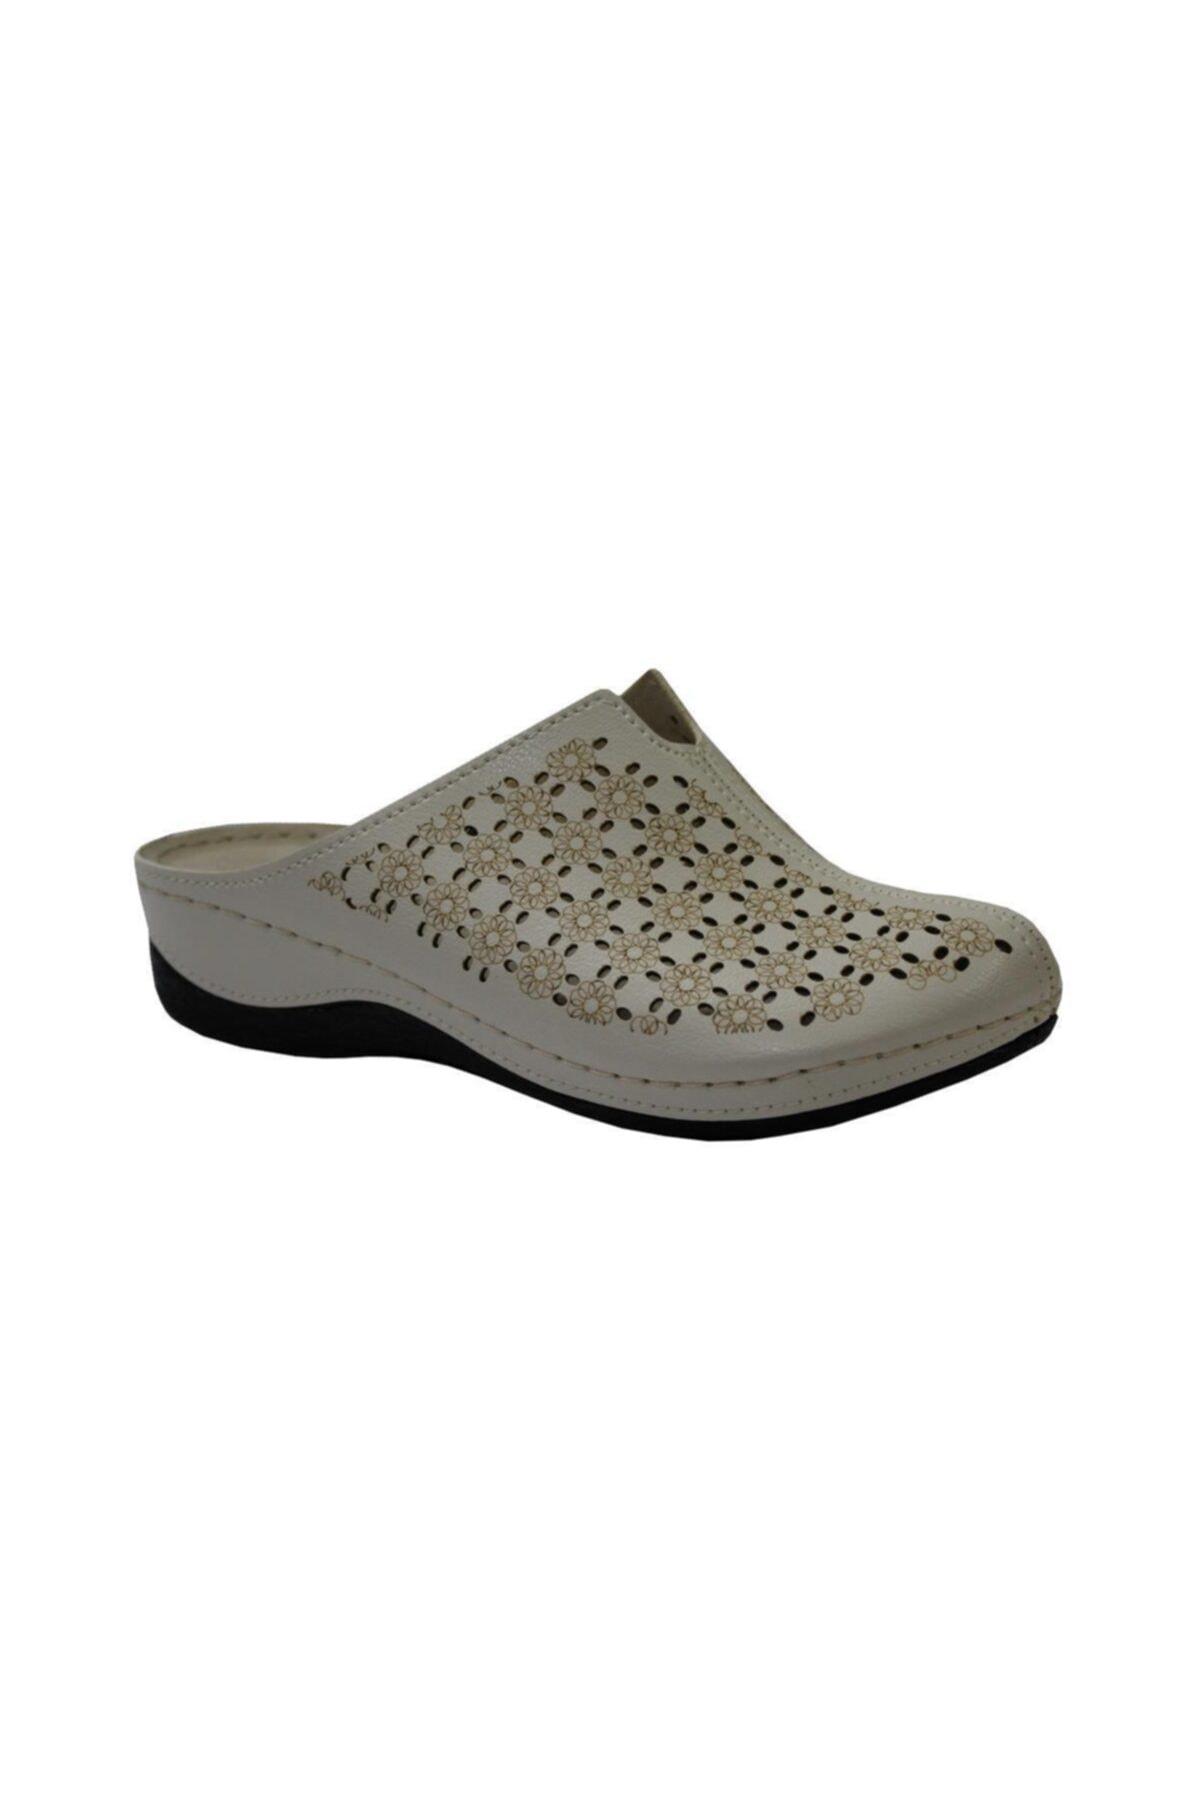 Muya 98330 Krem Anatomik Önü Kapalı Bayan Terlik & Sandalet